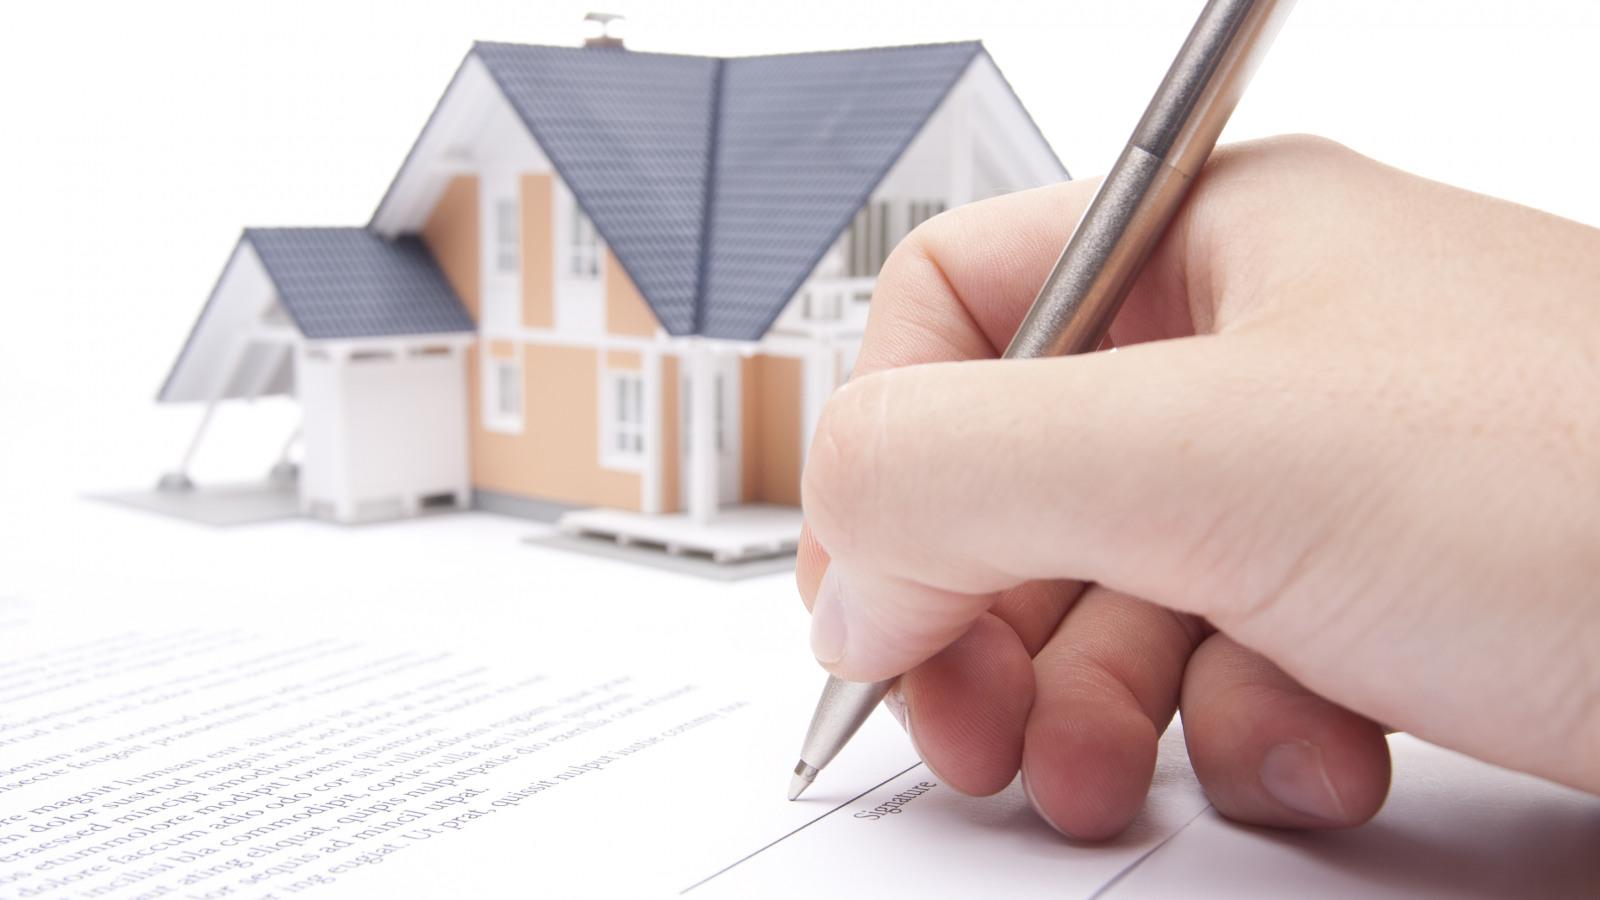 Hợp đồng mua bán đất bằng giấy viết tay có giá trị pháp lý không?